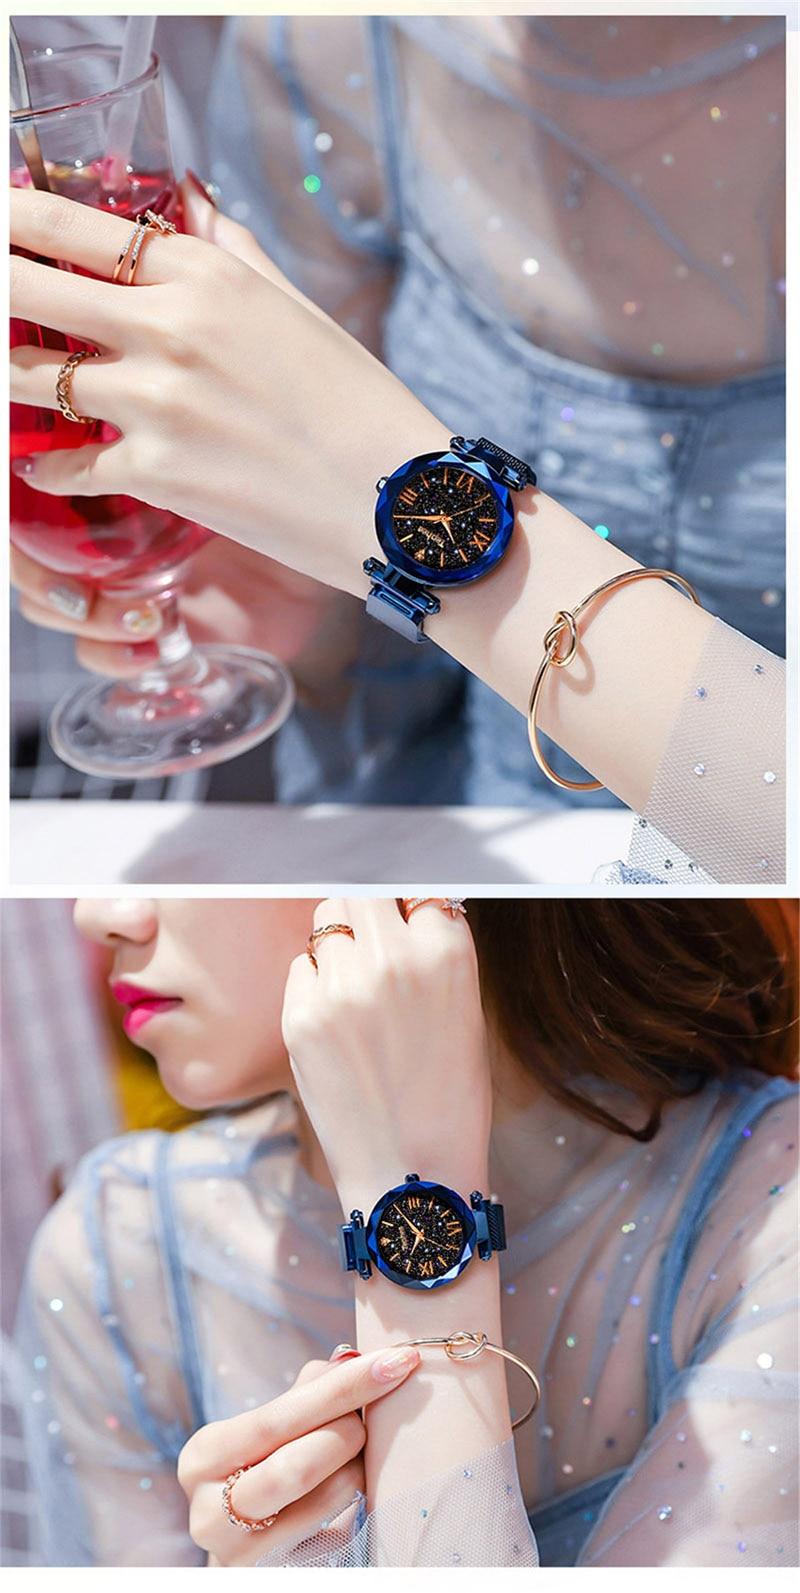 Luxury Women Watches Magnetic Starry Sky Female Clock Quartz Wristwatch Fashion Ladies Wrist Watch reloj mujer relogio feminino (15)